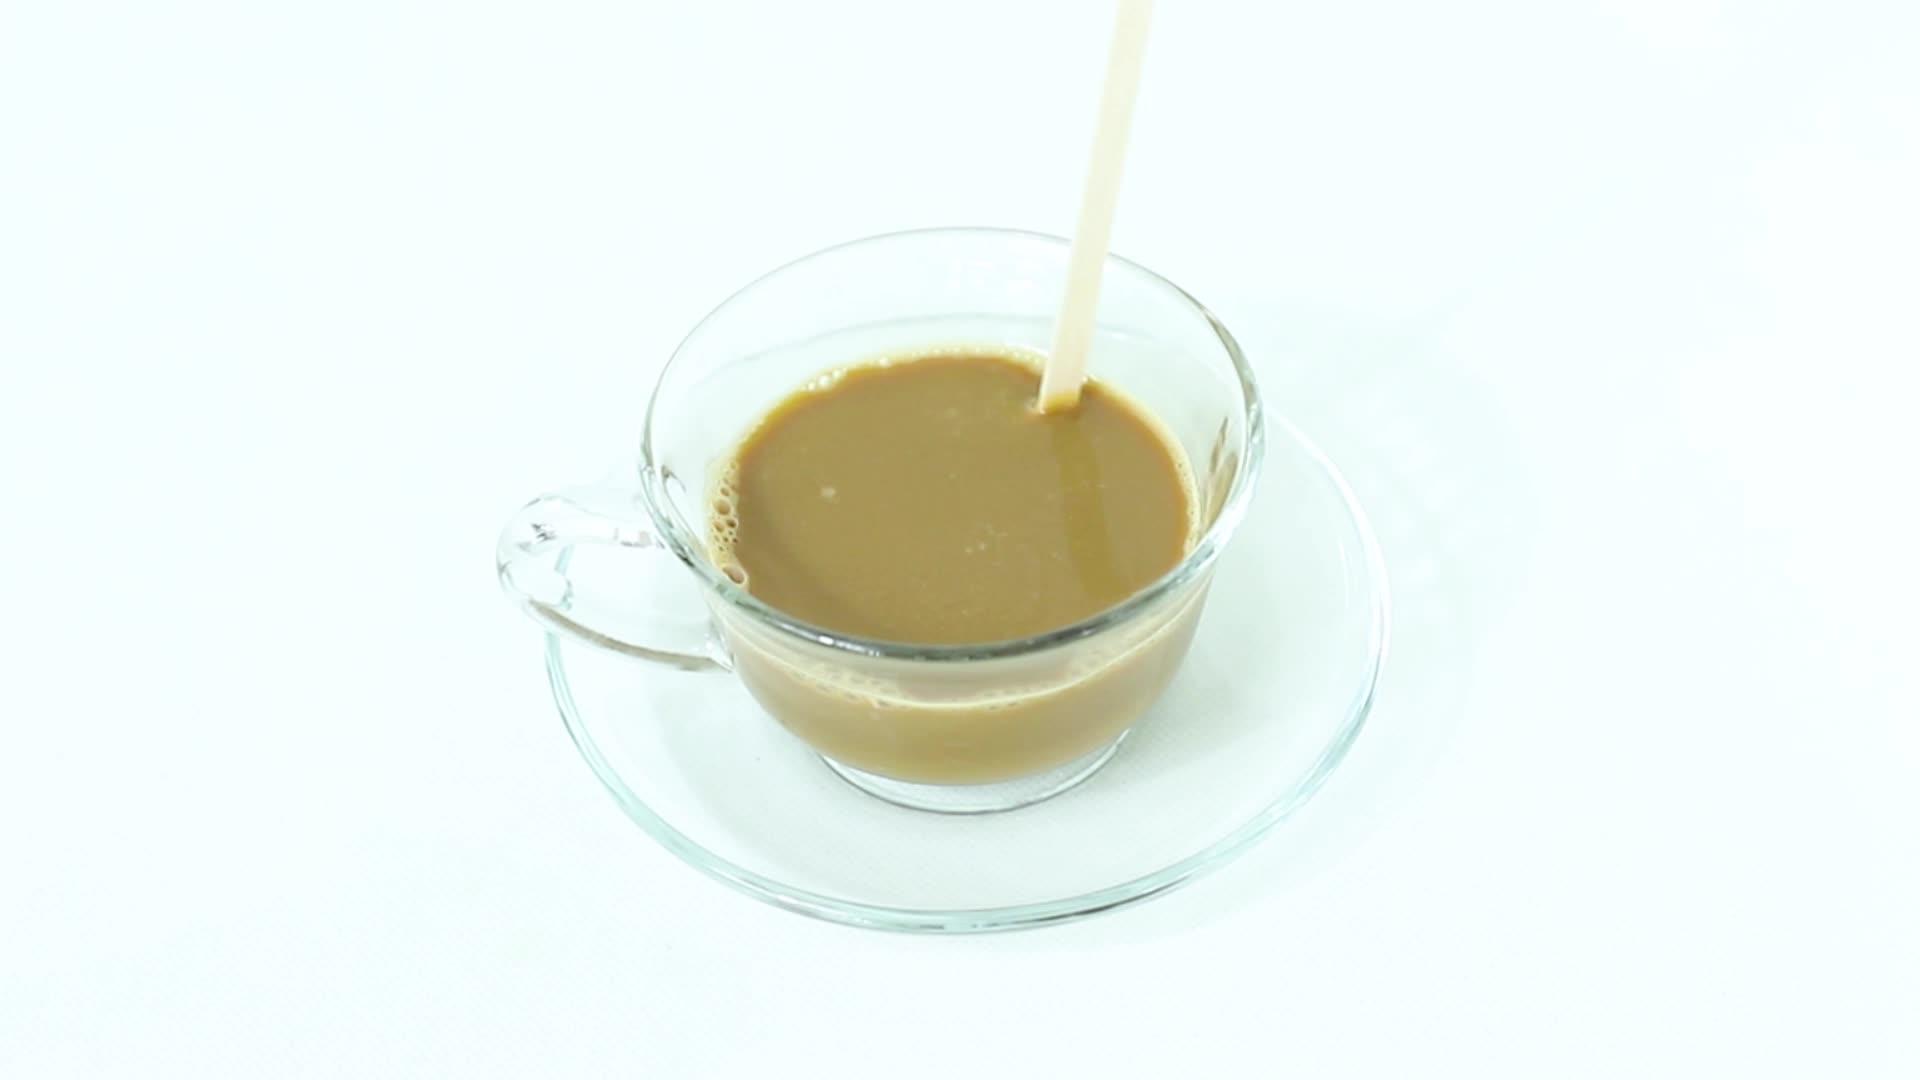 Beste-verkauf Glatte polieren Keine färbung birkenholz kaffee rühren stick